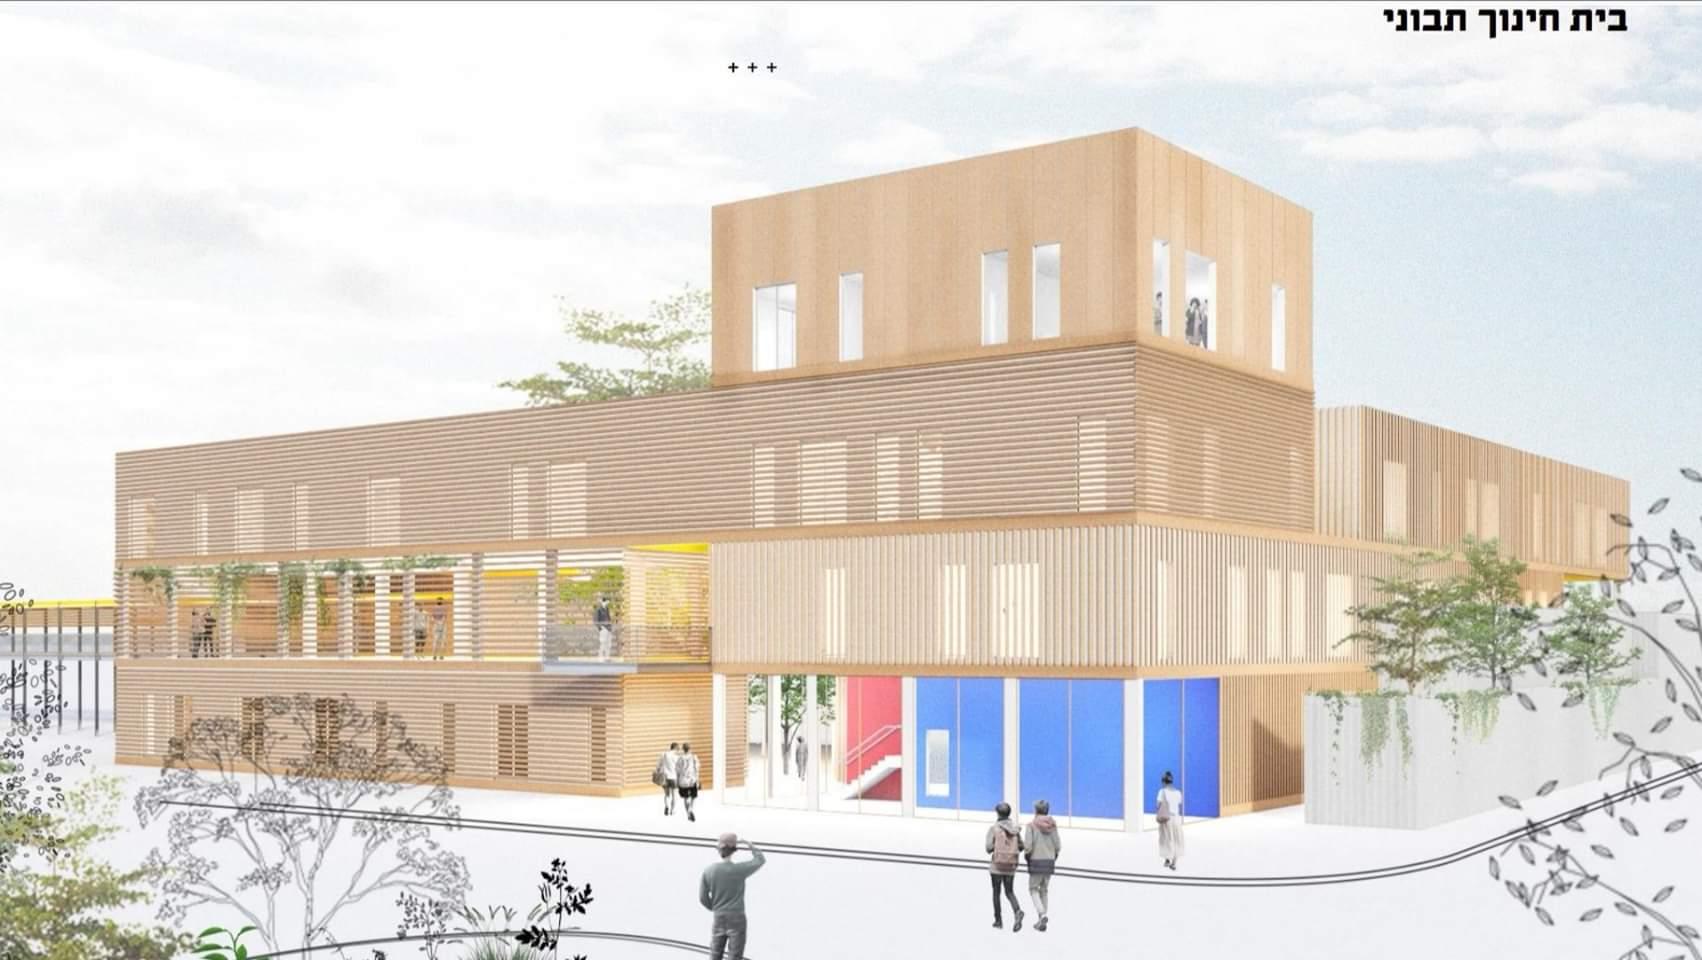 Photo of אור לחינוך – עיריית רמת גן מובילה מהפכה בחינוך המיוחד ומקימה בית ספר לילדים ובוגרים עם צרכים מיוחדים